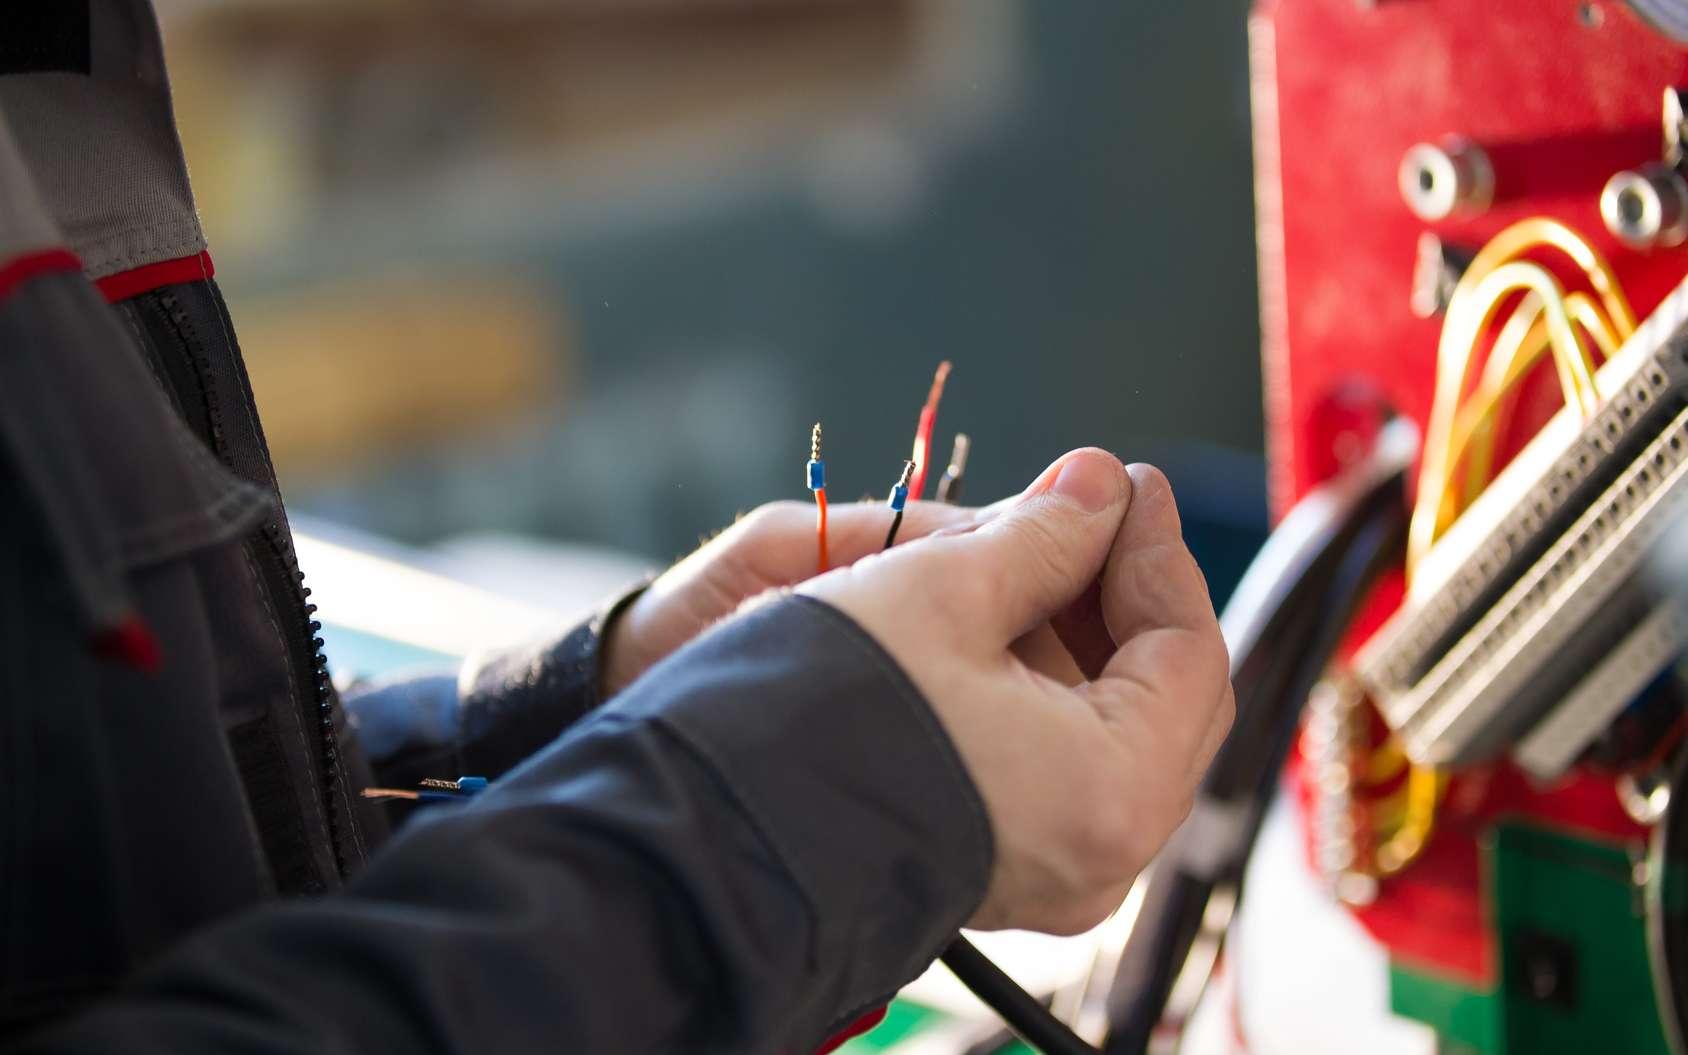 Le monteur-câbleur aéronautique est en charge des raccordements de fils nécessaires aux différents équipements électriques, électroniques et électromécaniques présents dans un aéronef. © Barselona Dreams, Fotolia.